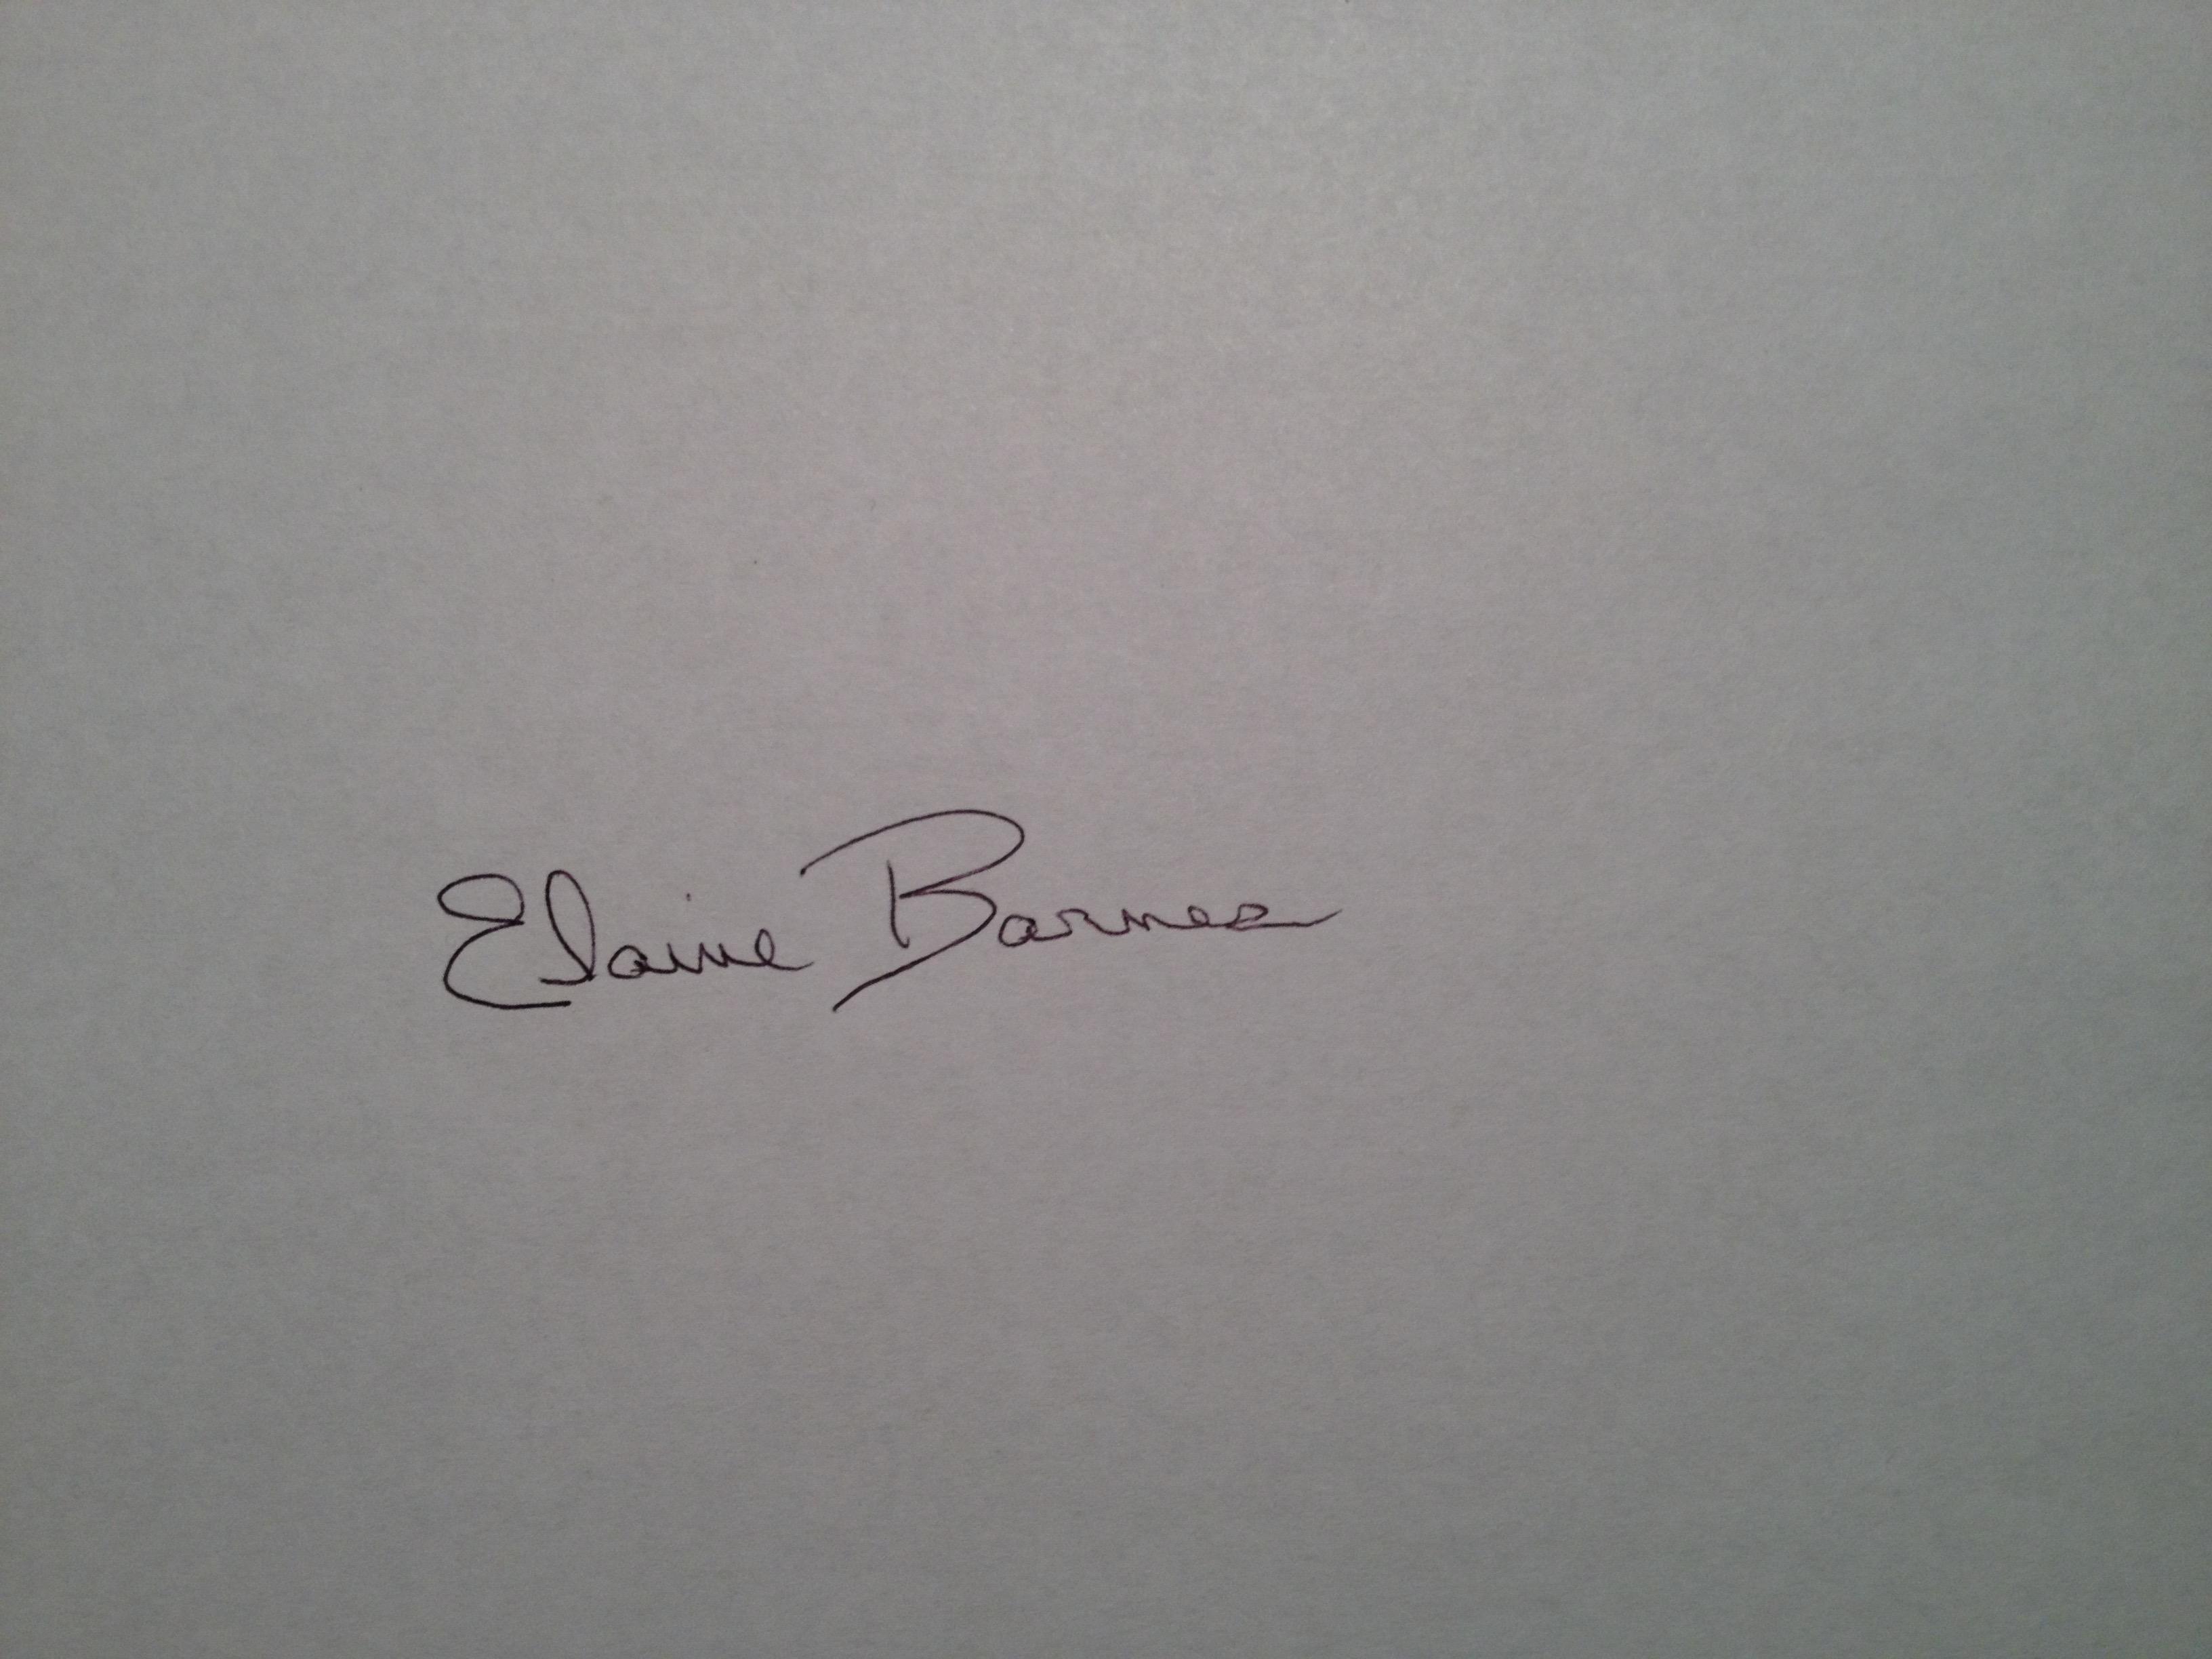 Elaine Barnes's Signature